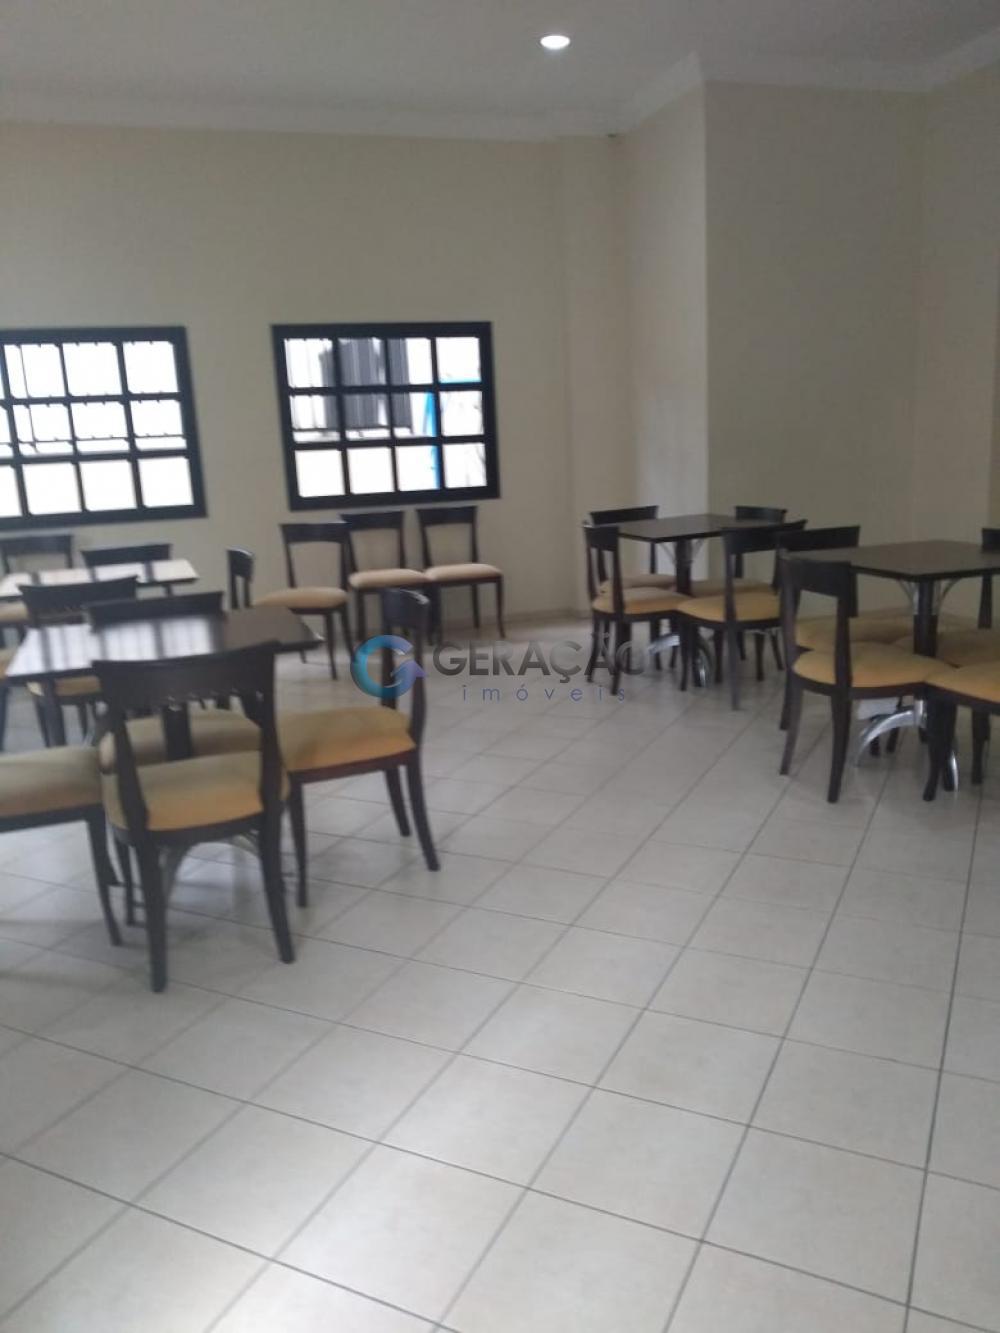 Comprar Apartamento / Padrão em São José dos Campos apenas R$ 1.300.000,00 - Foto 32